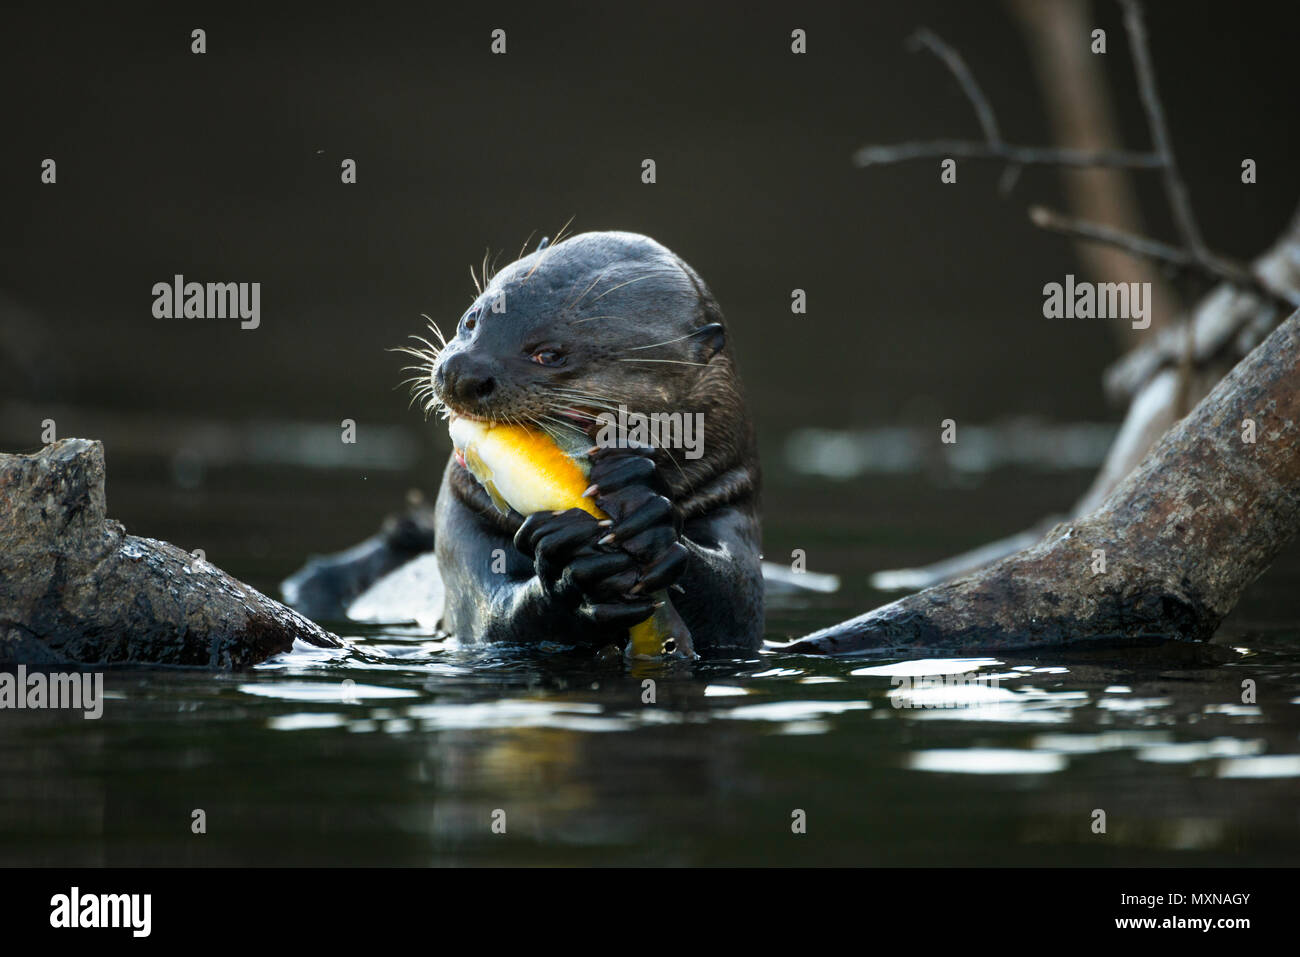 La loutre géante (Pteronura brasiliensis) manger un pike-cichlidés Photo Stock